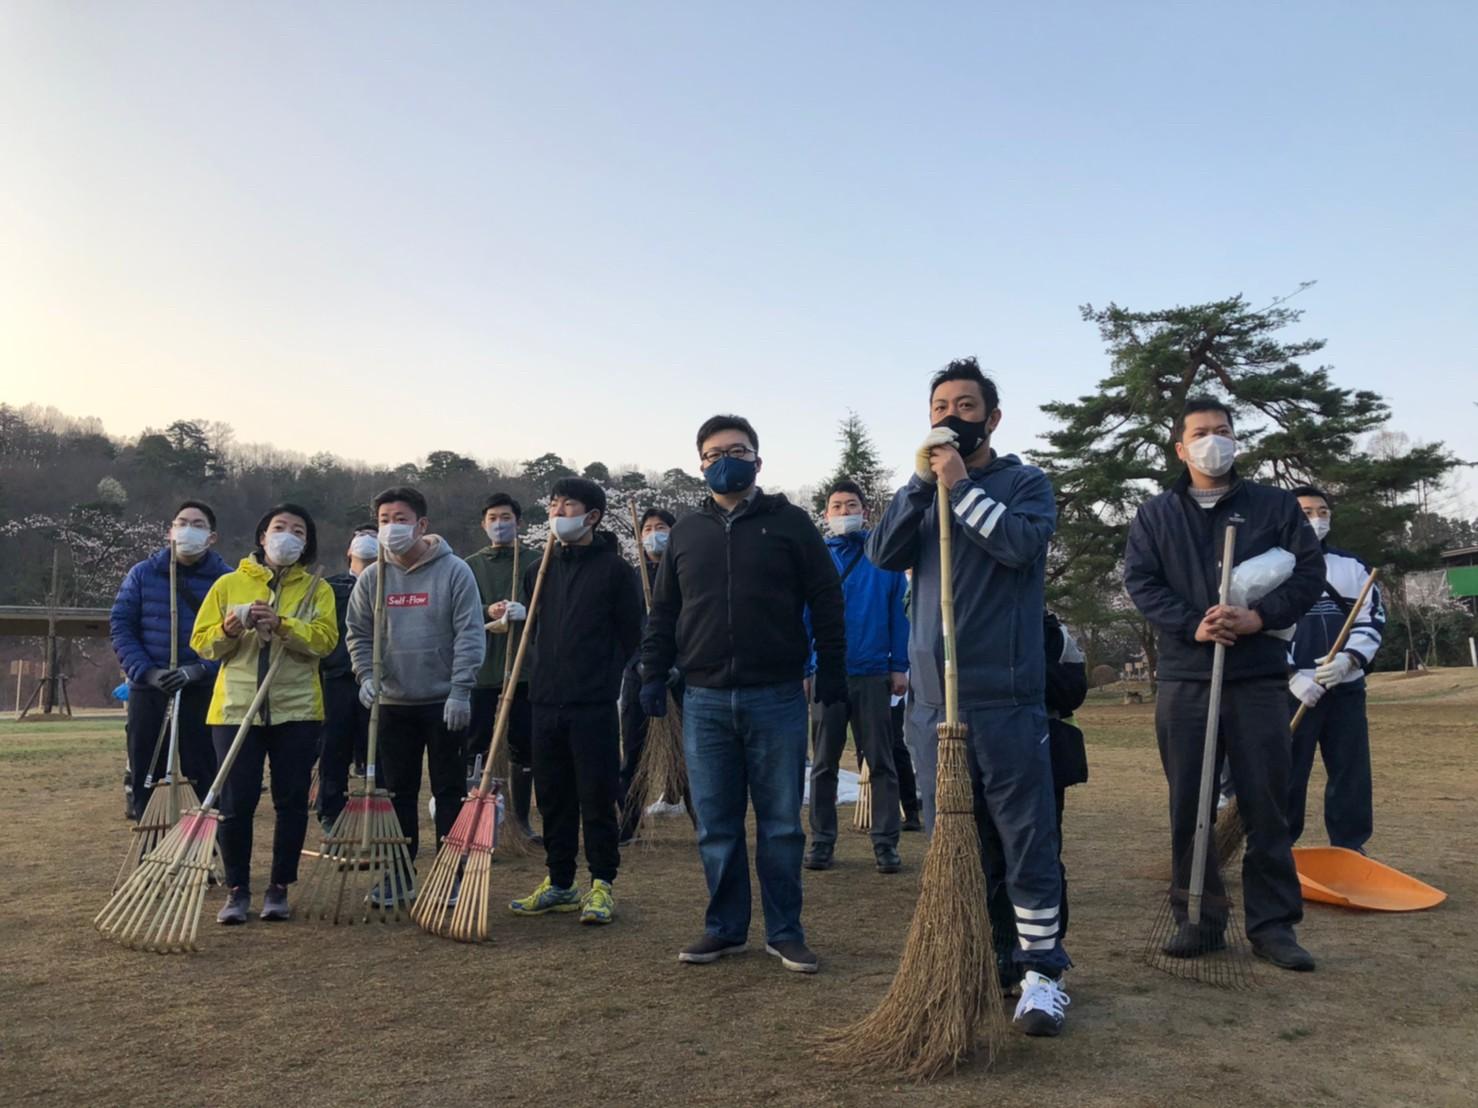 悠久山公園早朝大清掃に参加しました!